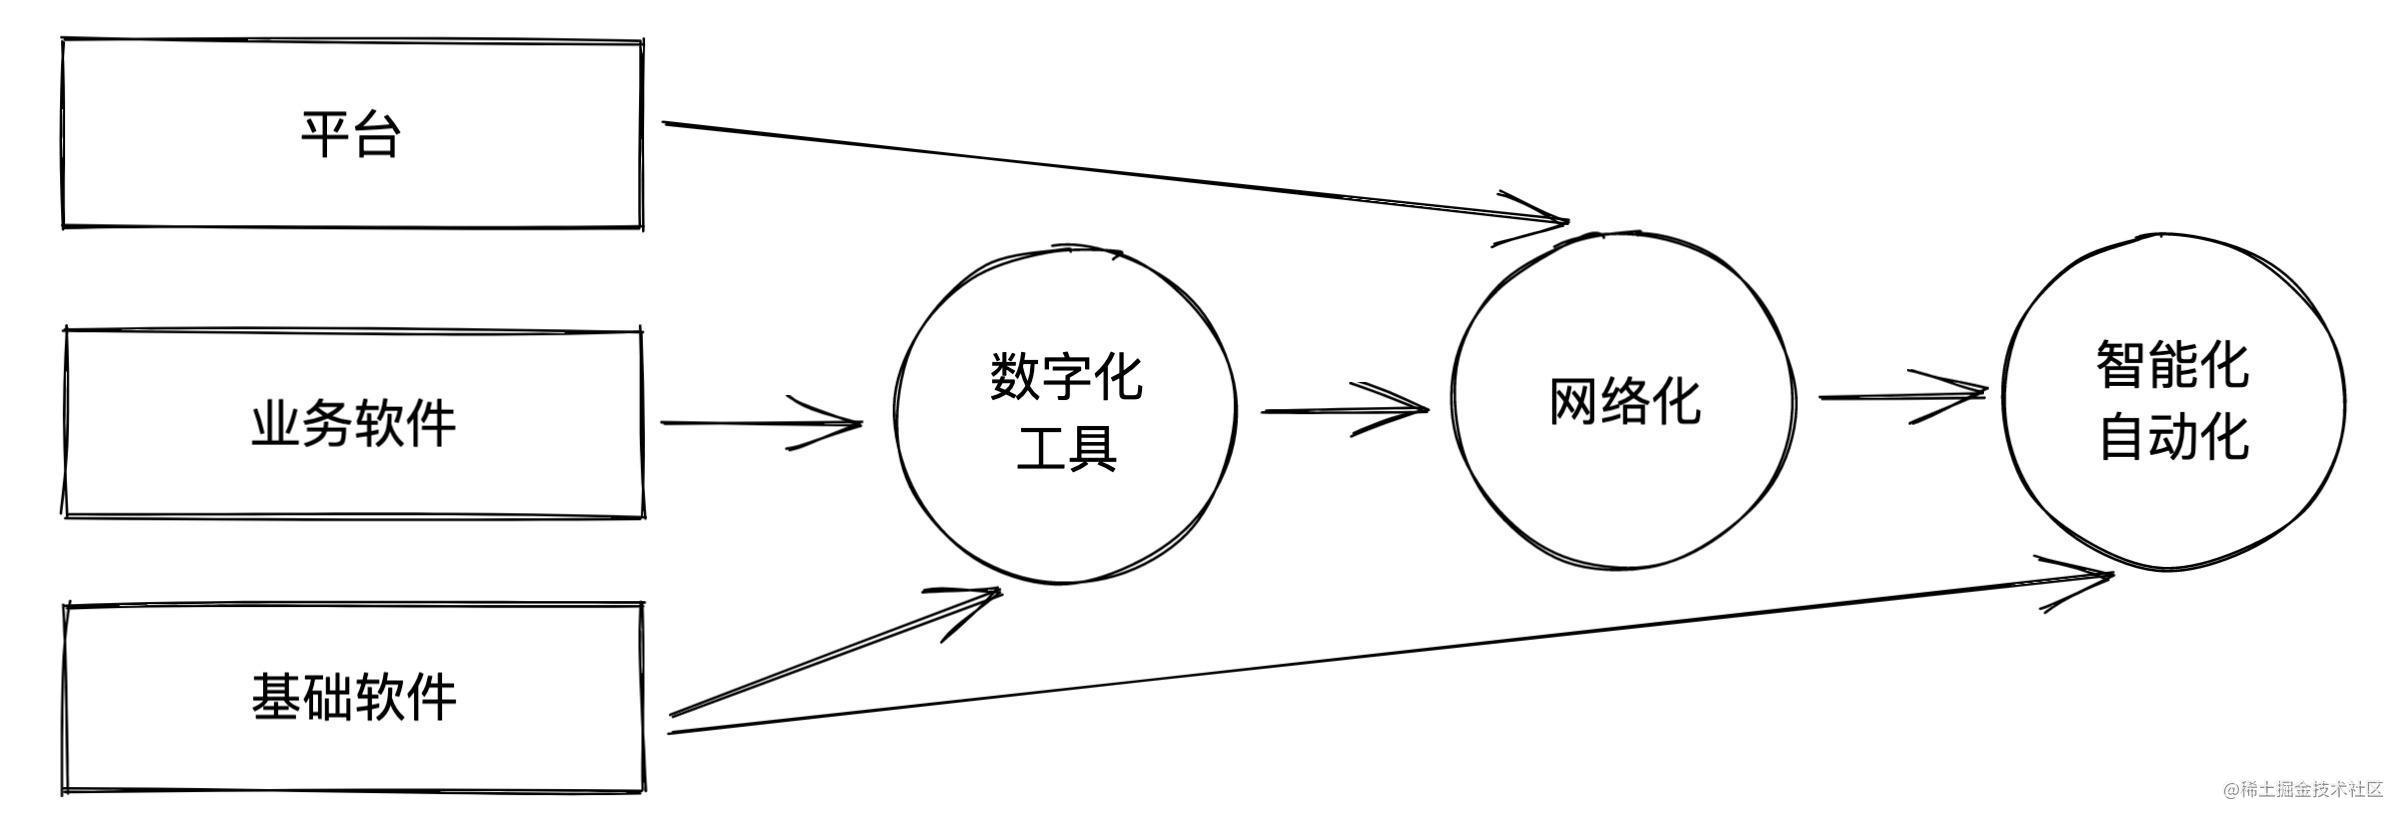 软件模式与发展